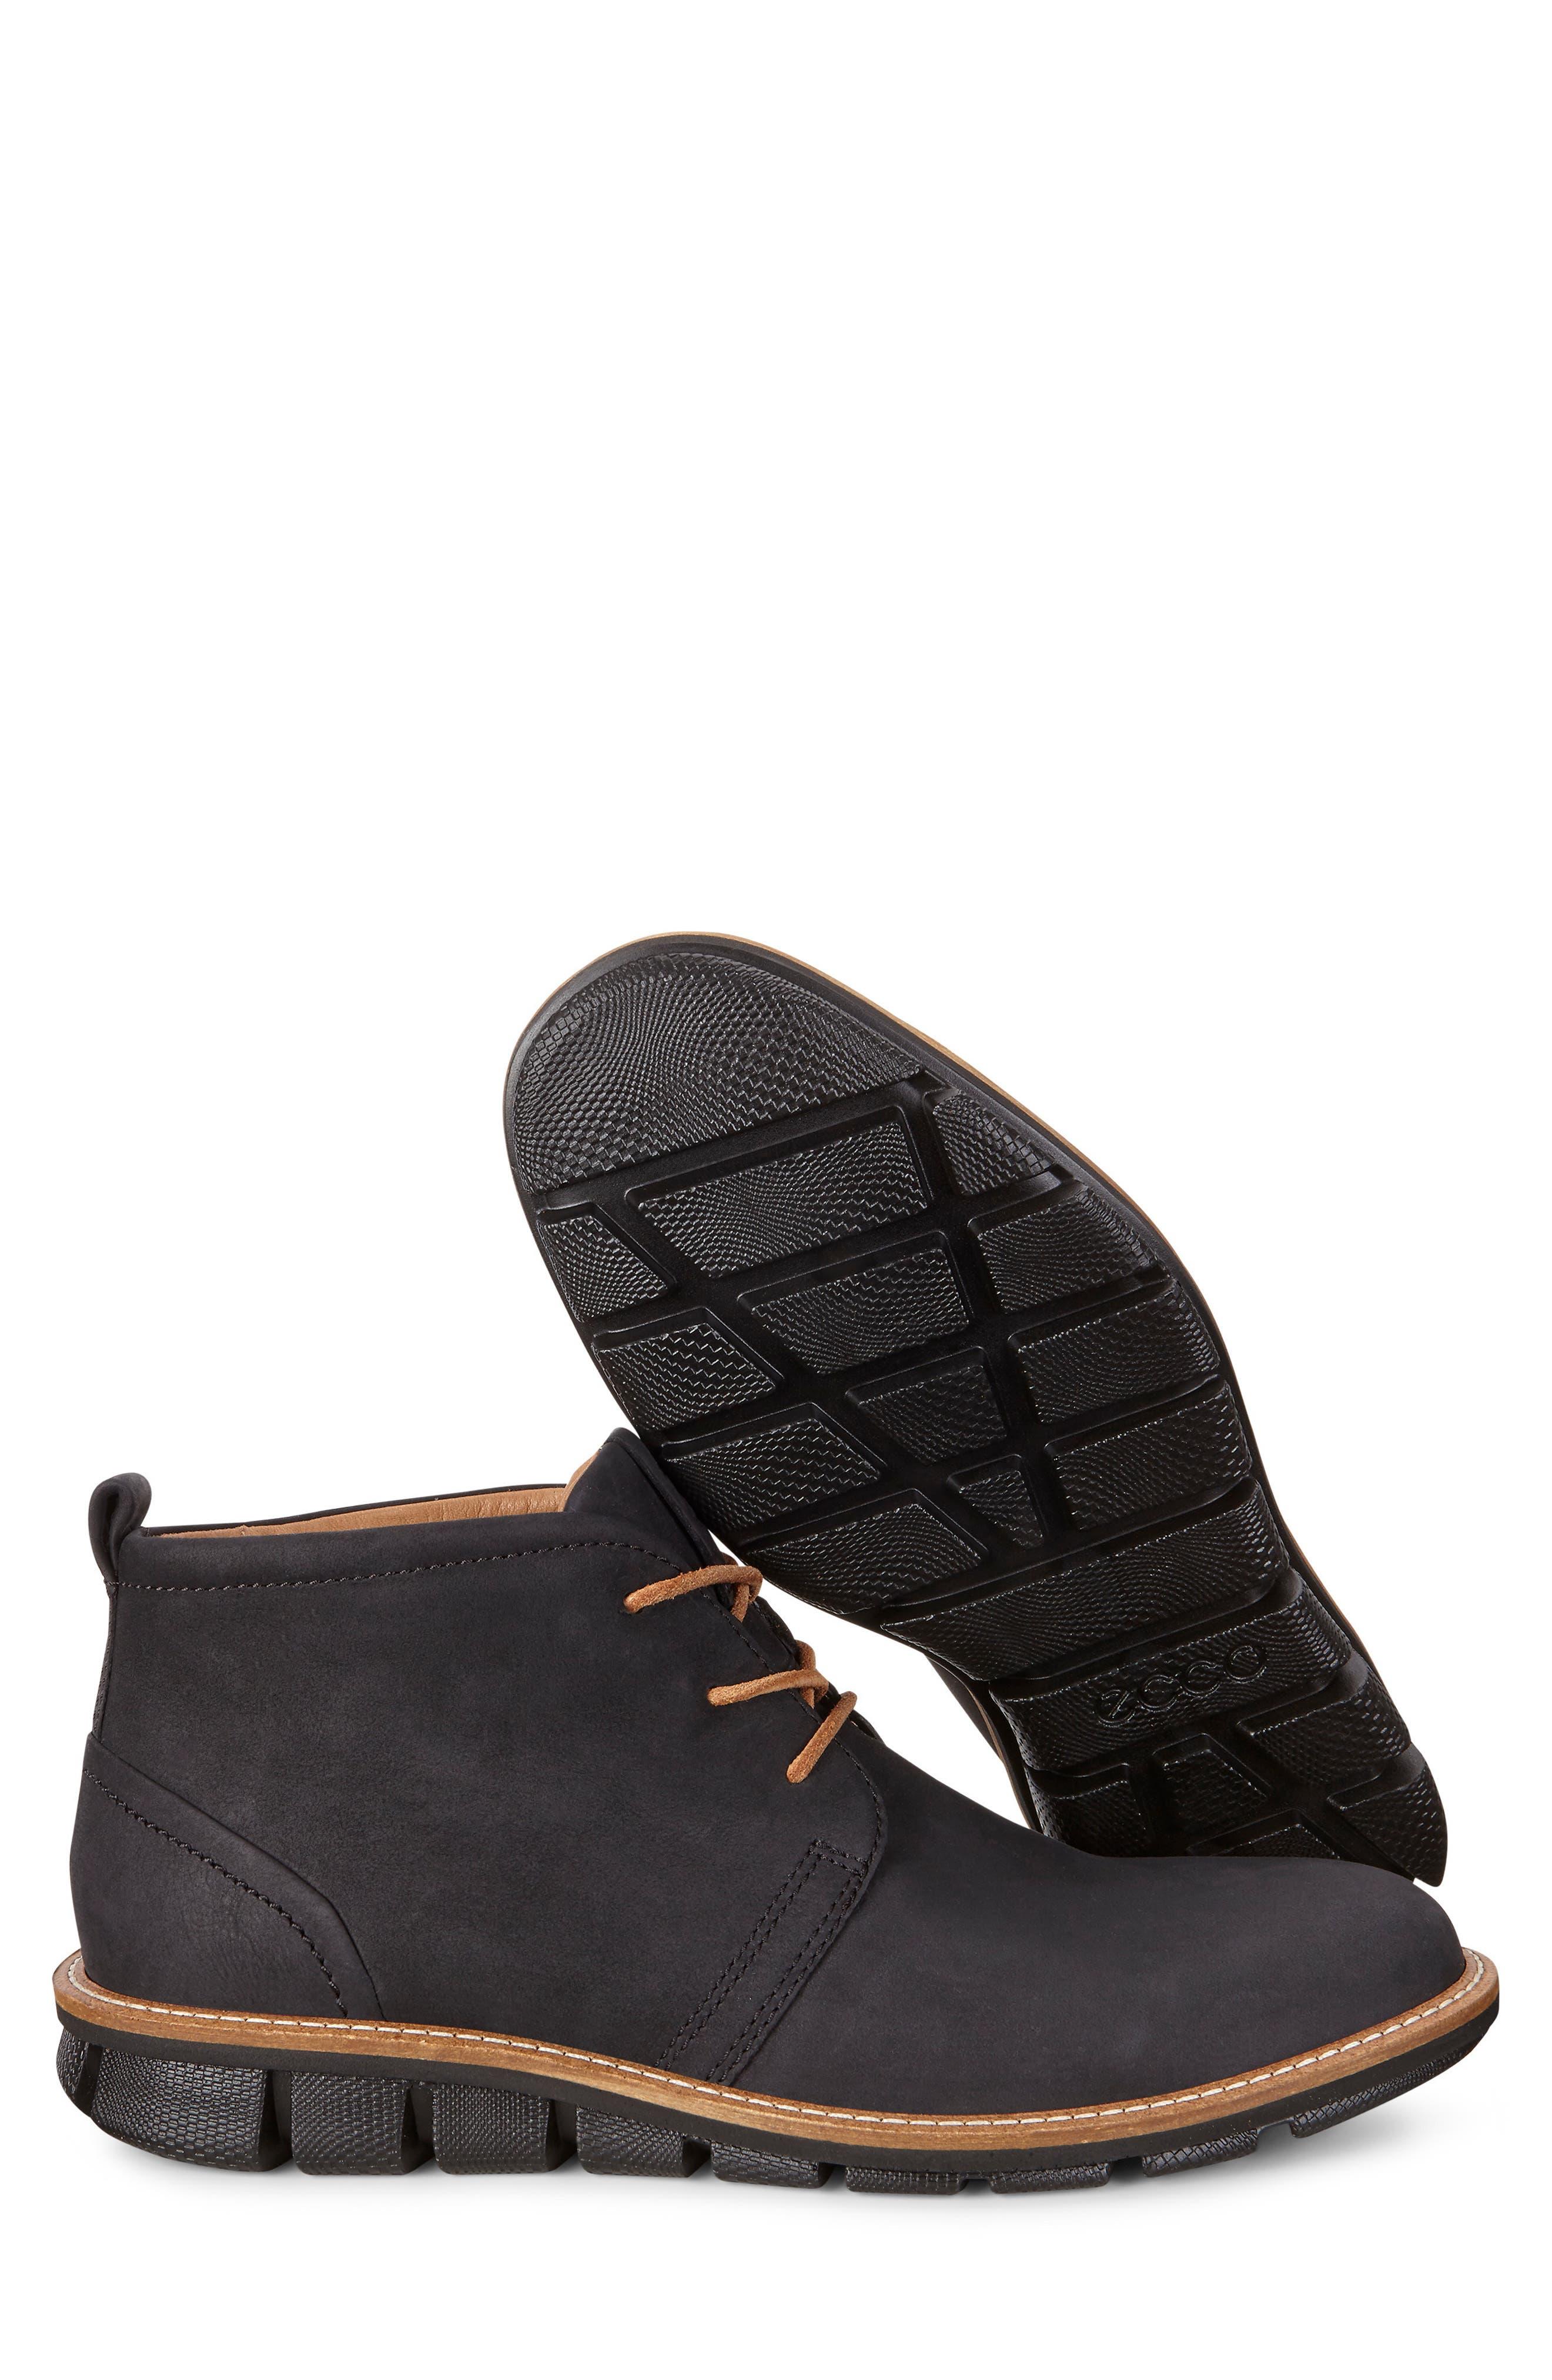 'Jeremy Hybrid' Plain Toe Boot,                             Alternate thumbnail 7, color,                             BLACK LEATHER